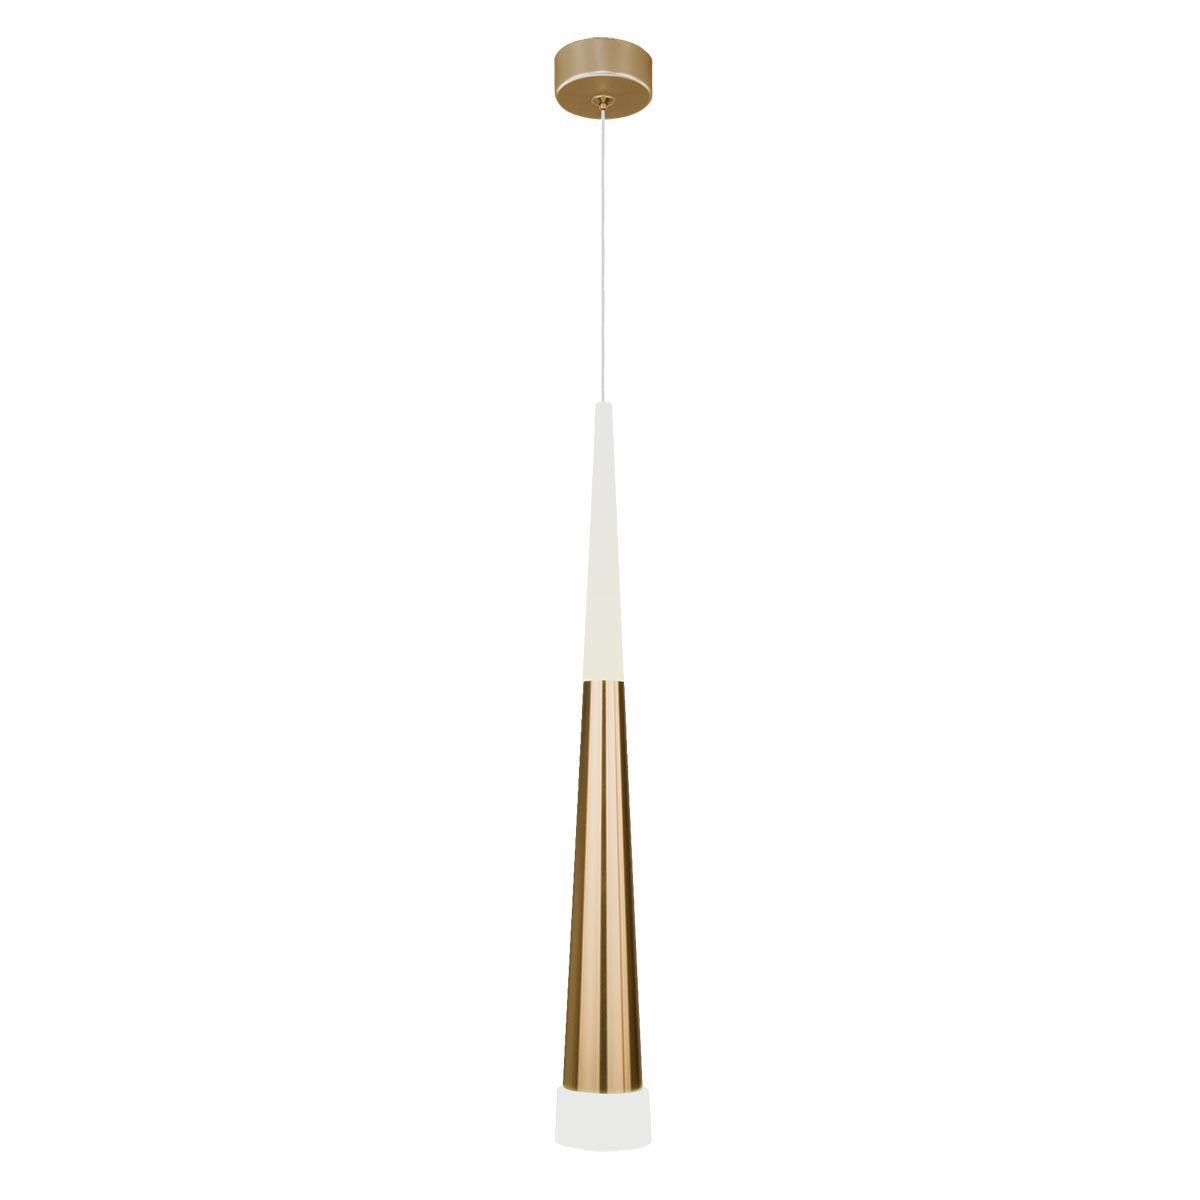 Подвесной светодиодный светильник Elektrostandard DLR038 7+1W 4200K золото 4690389146343